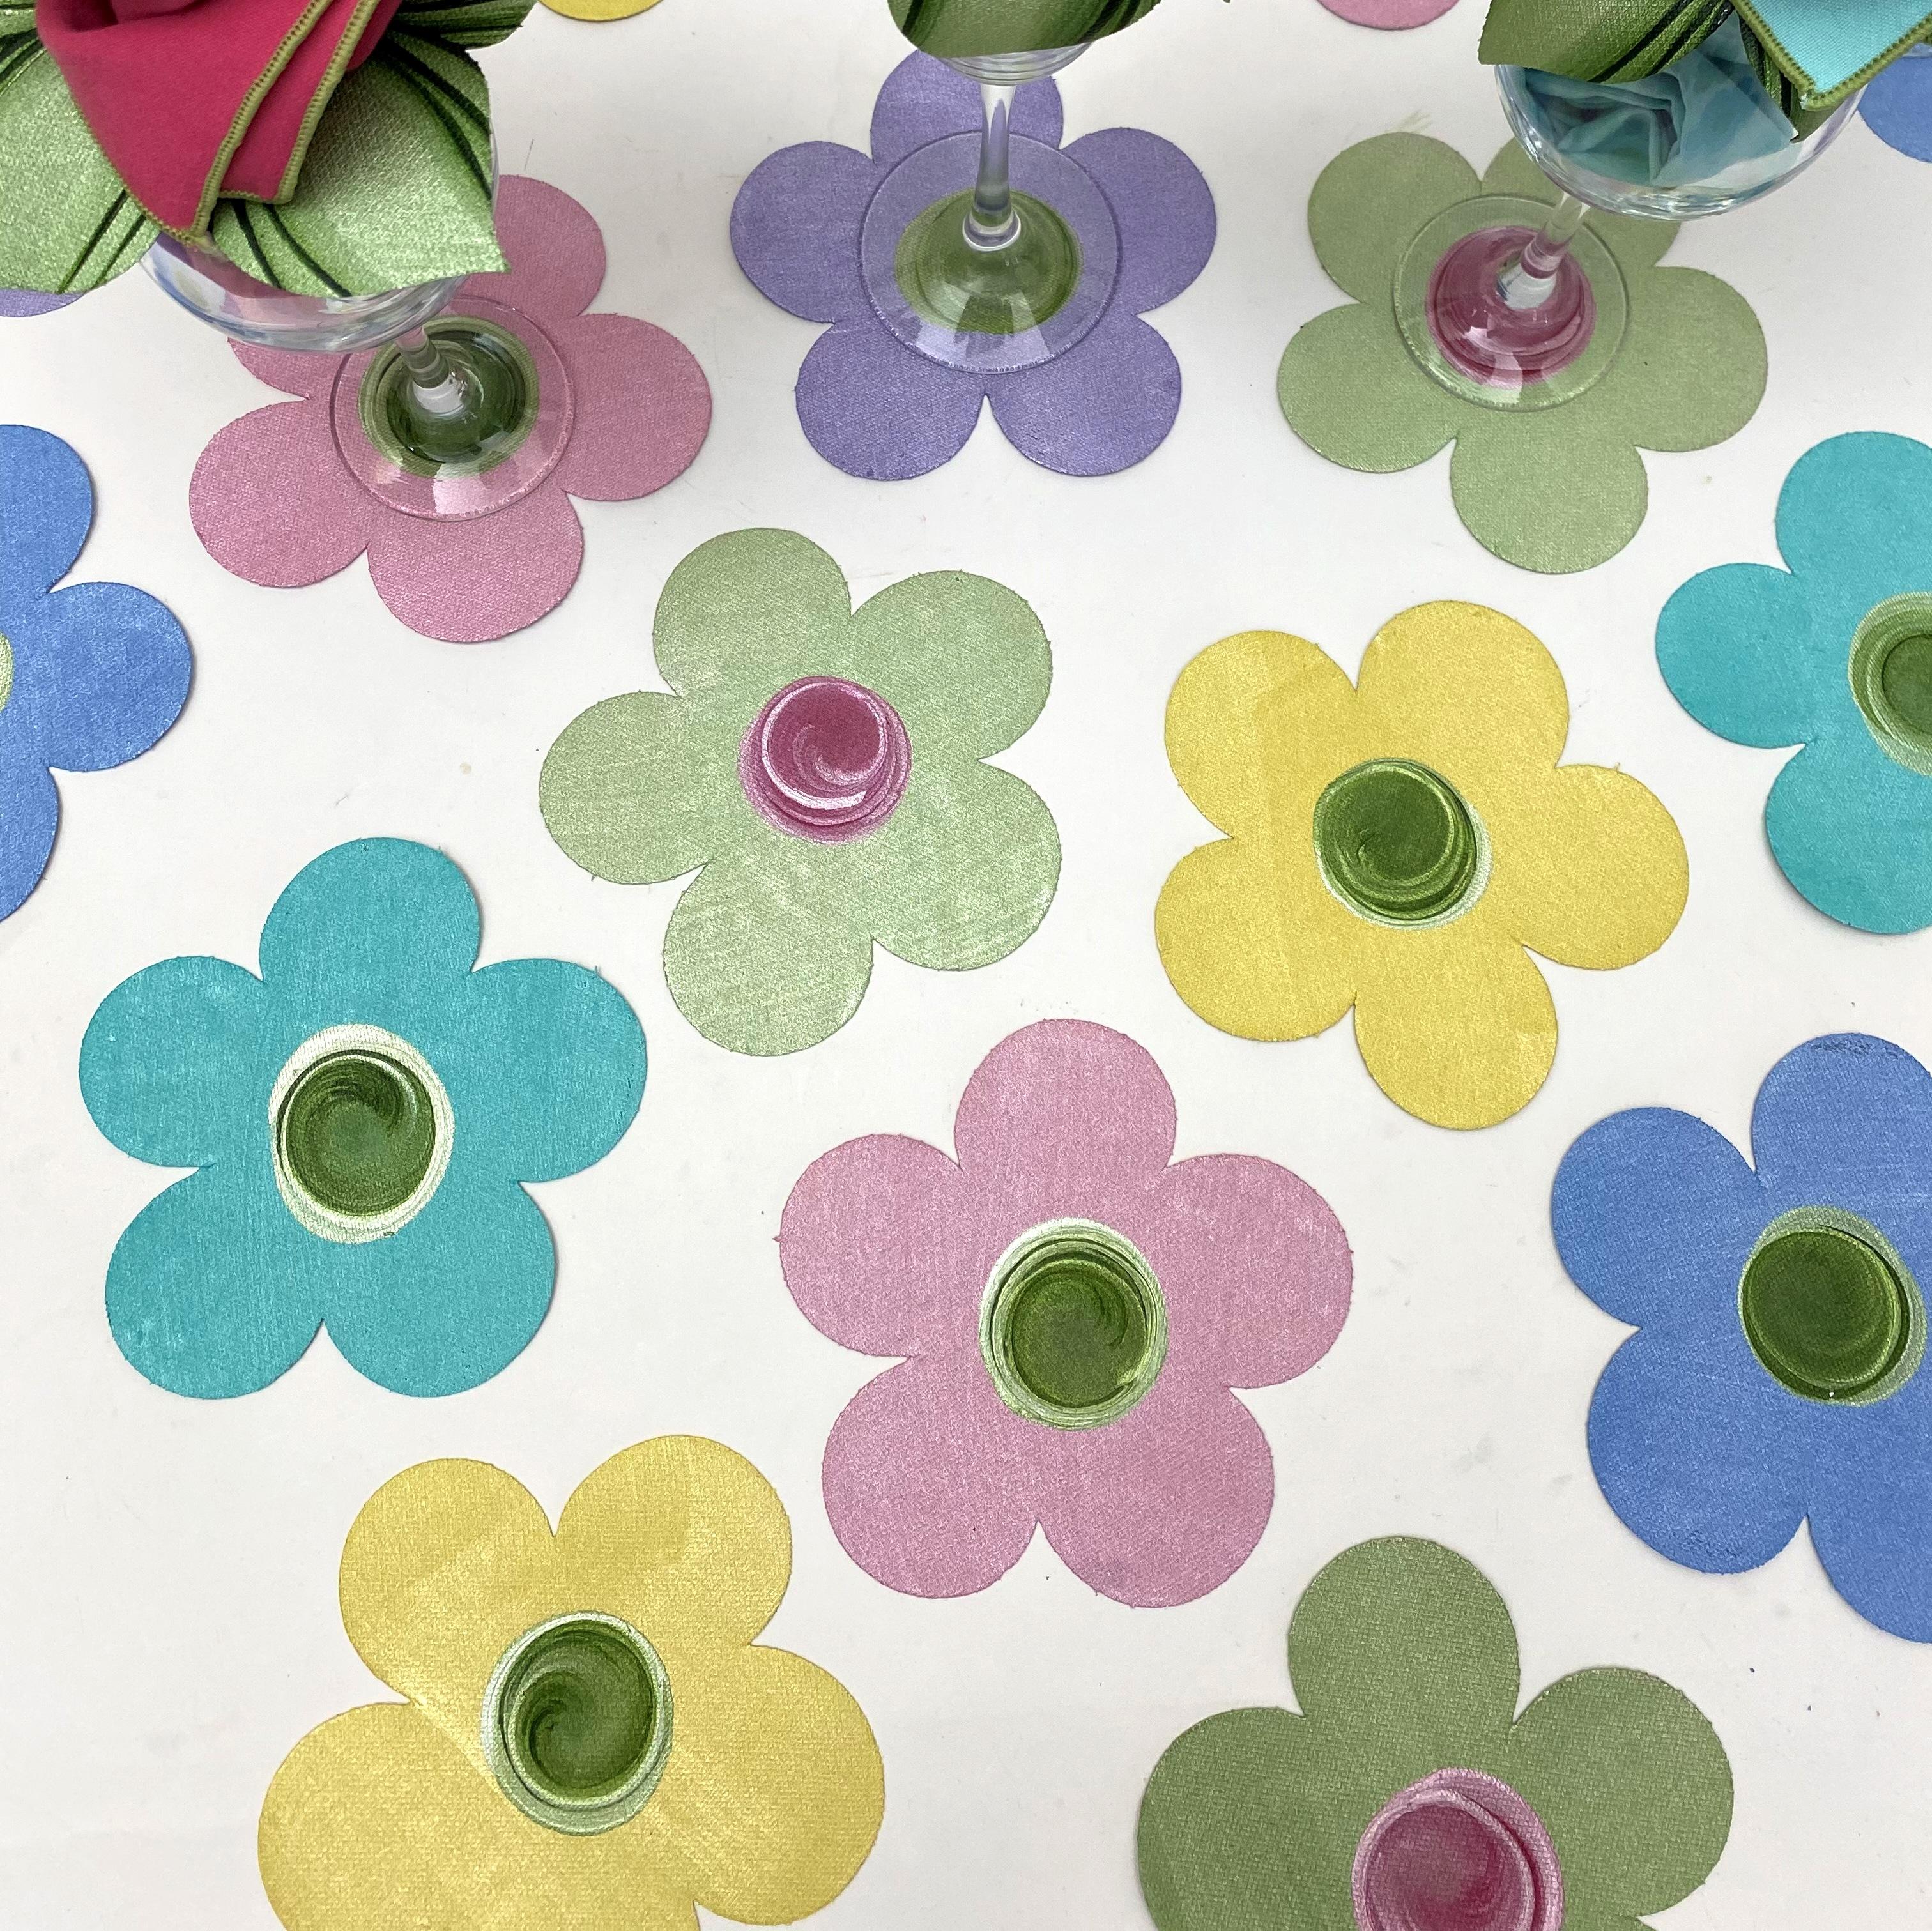 Carole Shiber's Hand-Painted Coasters